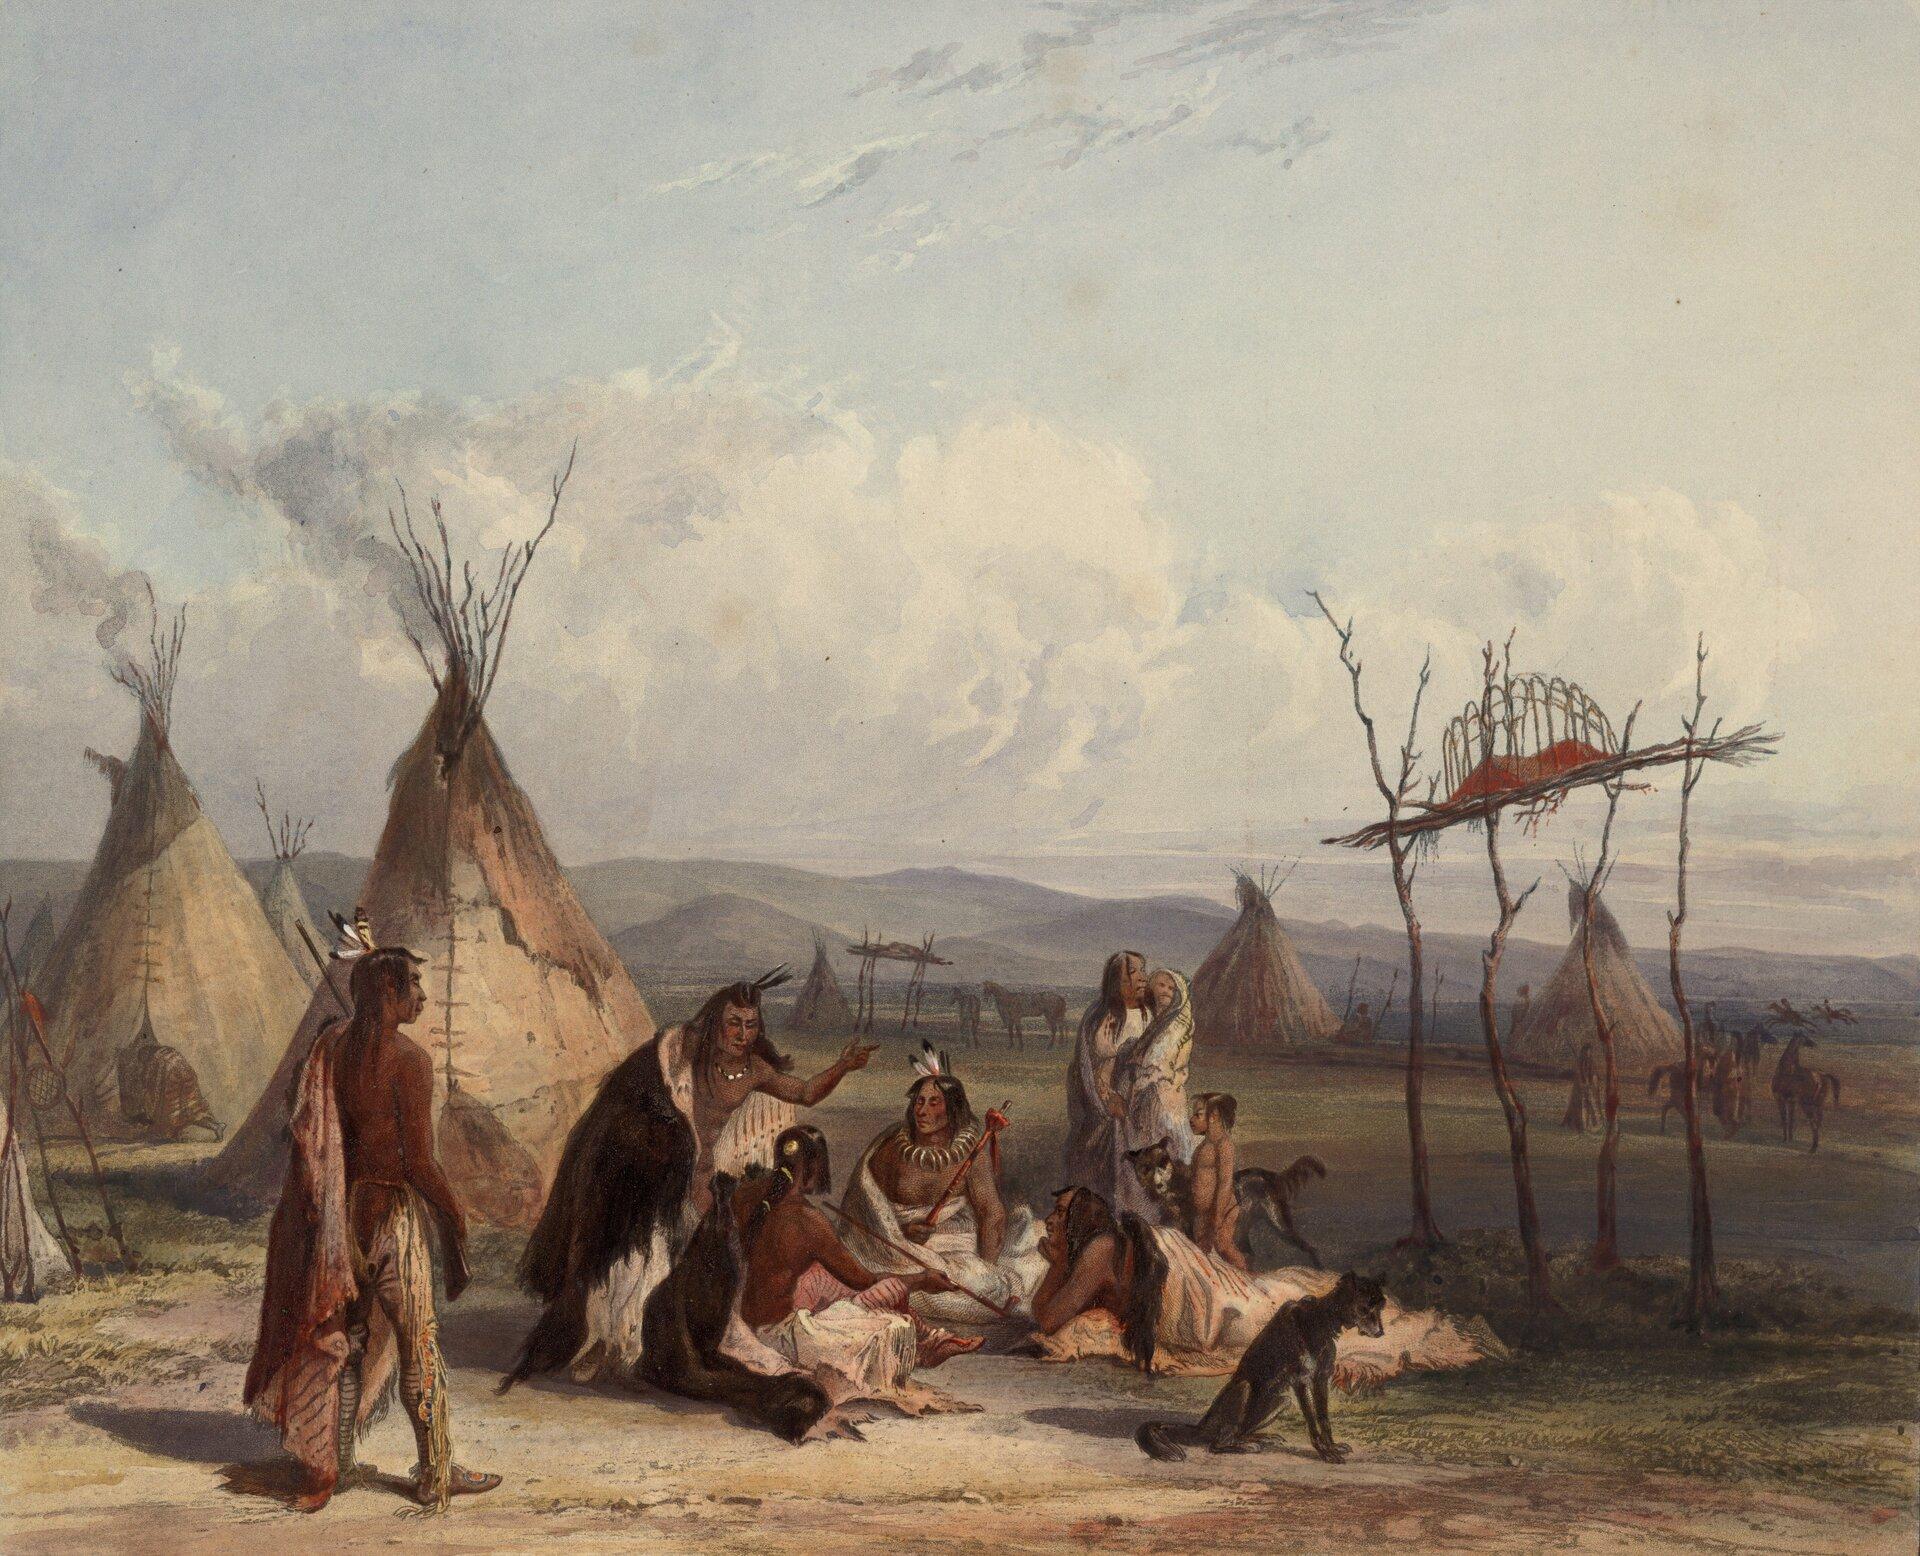 Na obrazie grupa Indian siedzi na ziemi, wtle kilka tipi, obok rusztowanie pogrzebowe zczterech gałęzi.